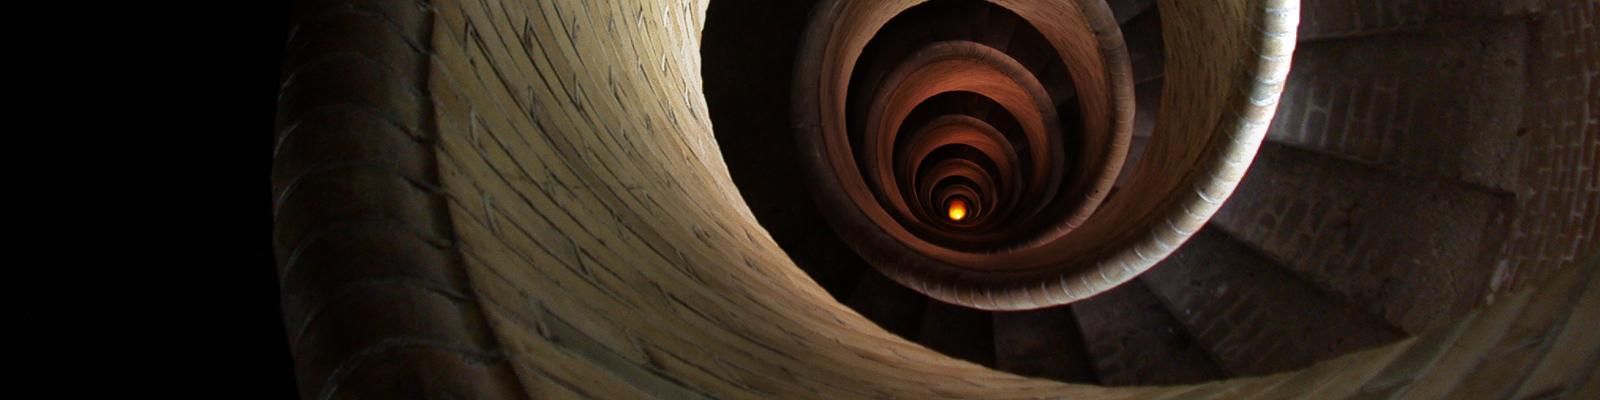 downward_spiral.jpg